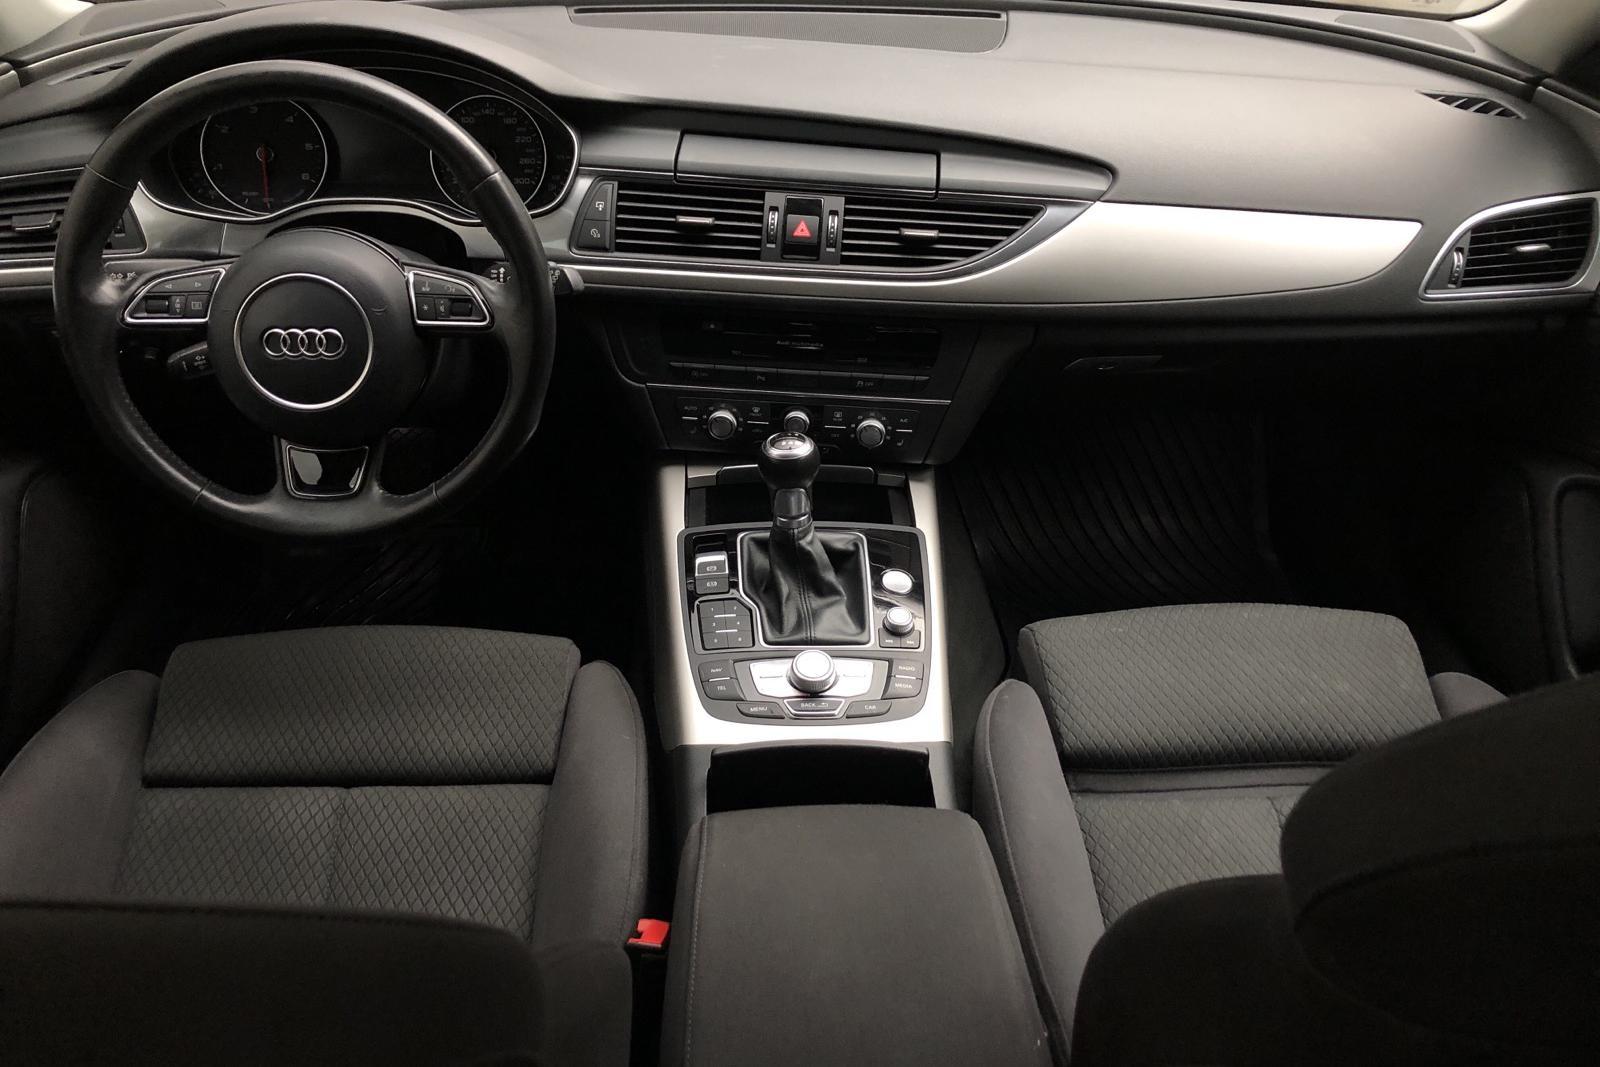 Audi A6 2.0 TDI Avant (190hk) - 9 480 mil - Manuell - svart - 2017